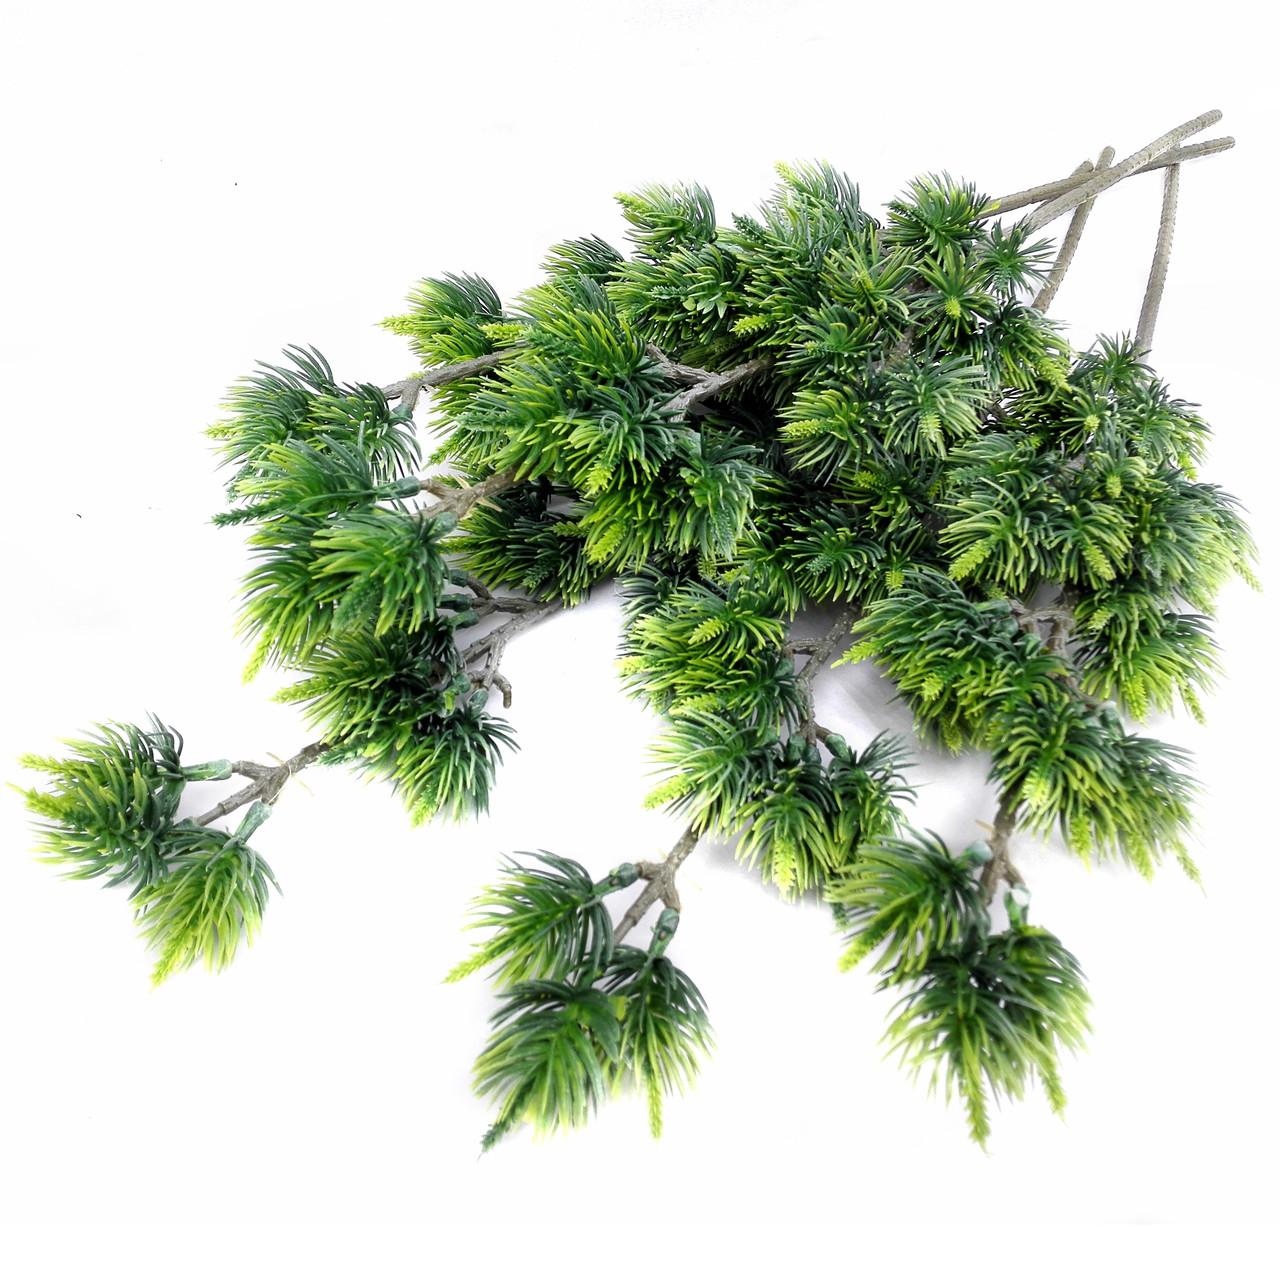 Ветка хвои зеленая  54 см (2 шт. в уп)